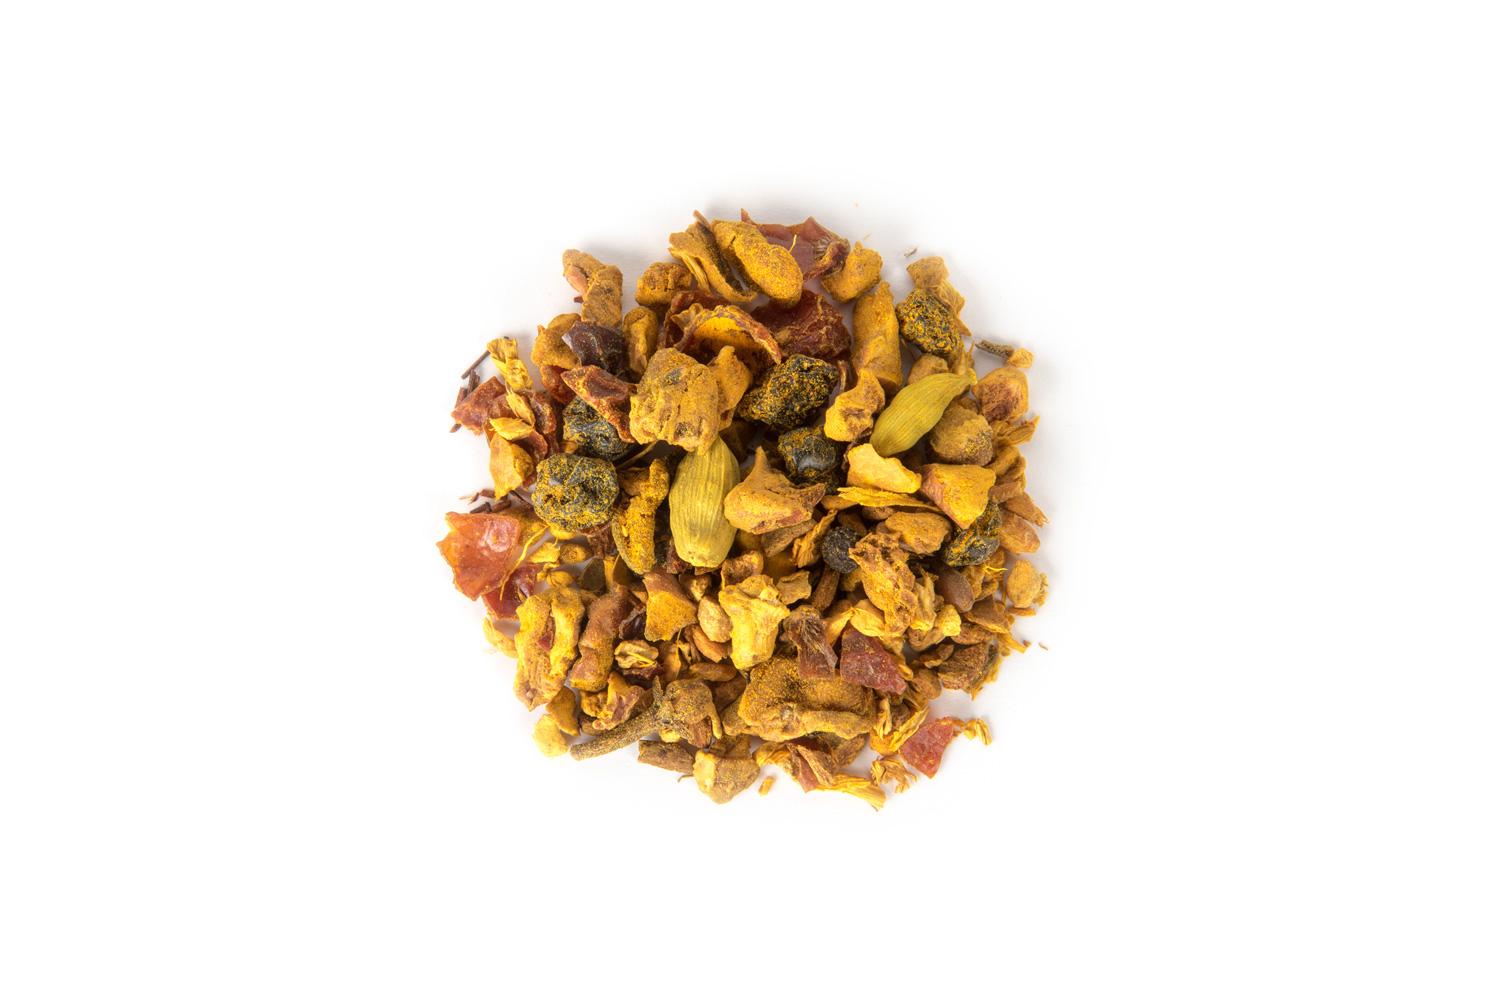 Organinis žolelių, vaisių gabaliukų ir prieskonių mišinys su moliūgų skoniu